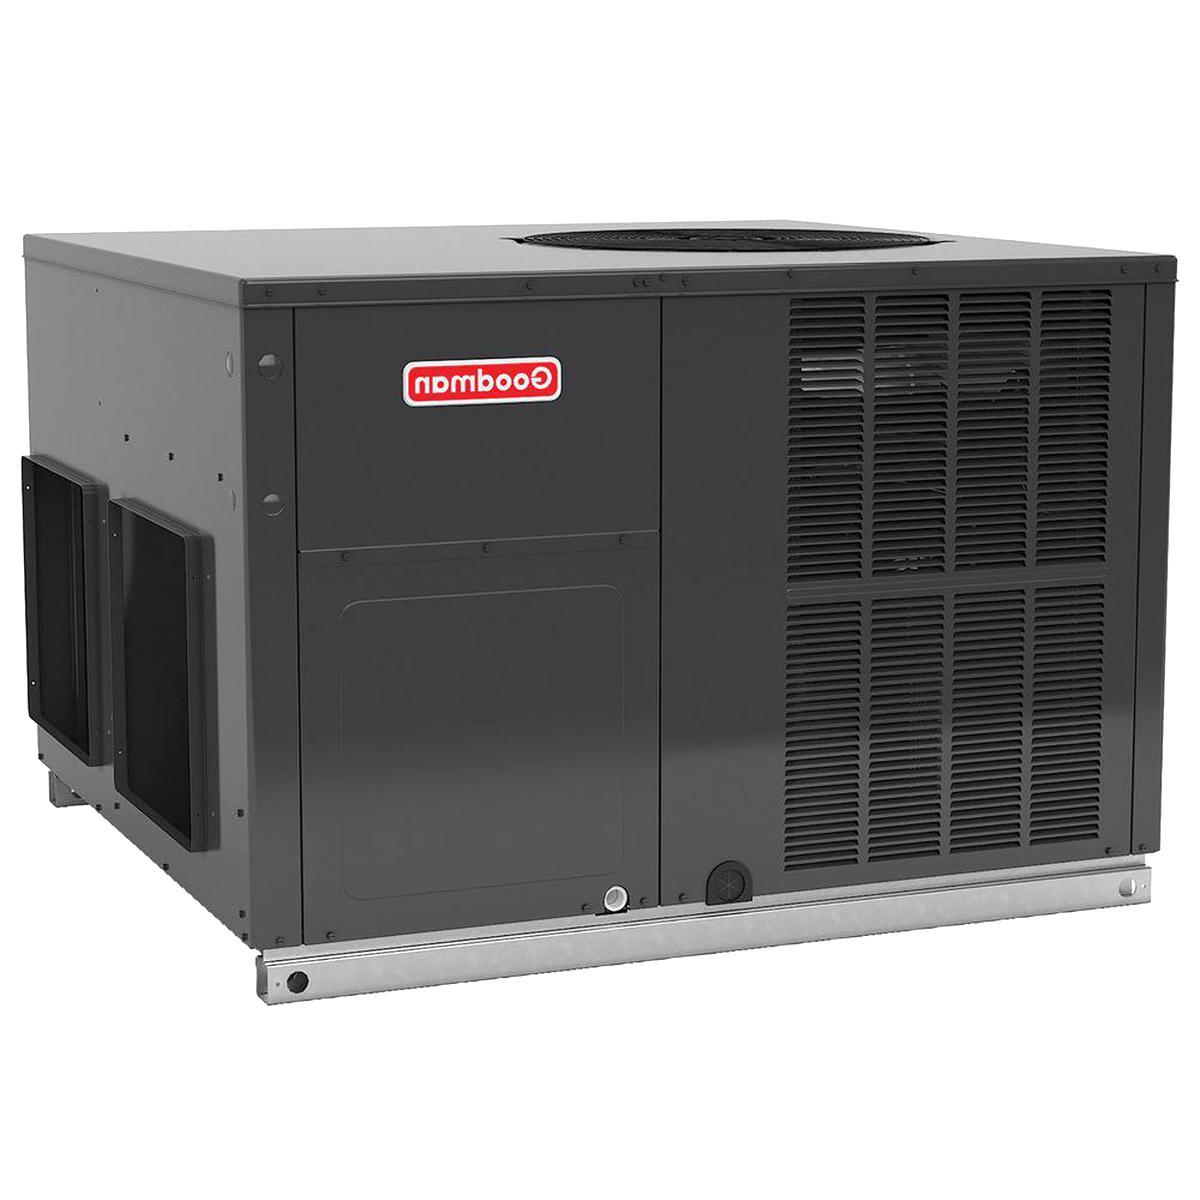 heat pump package unit for sale